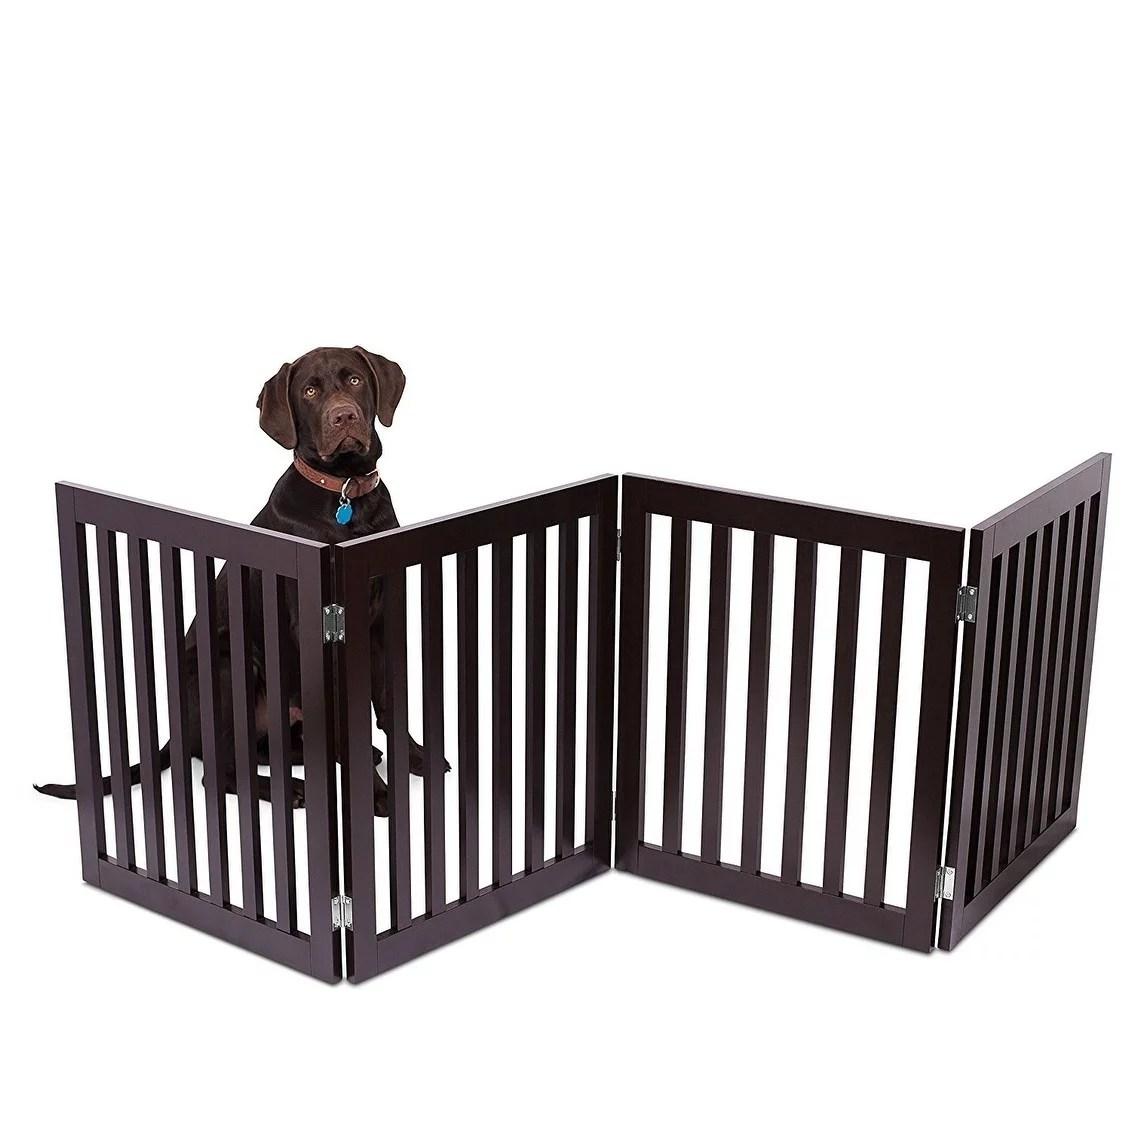 kennelmaster black kennel gate 22 5 w x 57 75 h